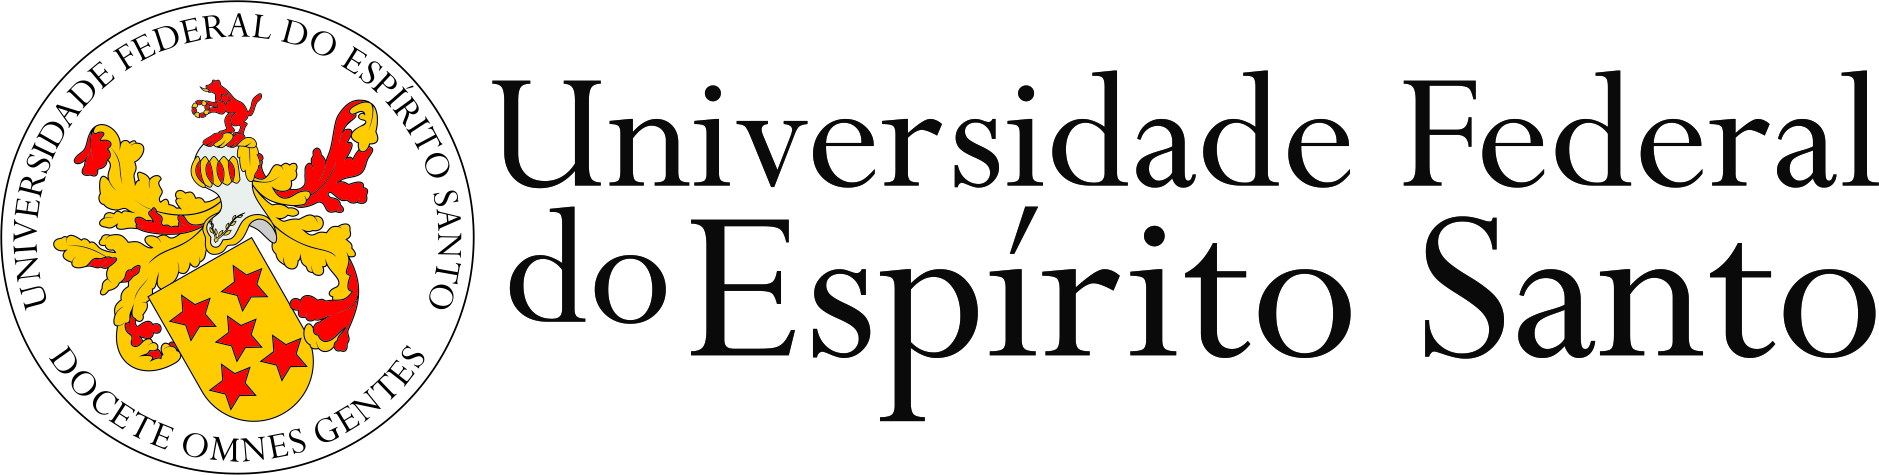 Universidade Federal do Espírito Santo (Concurso UFES 2015)